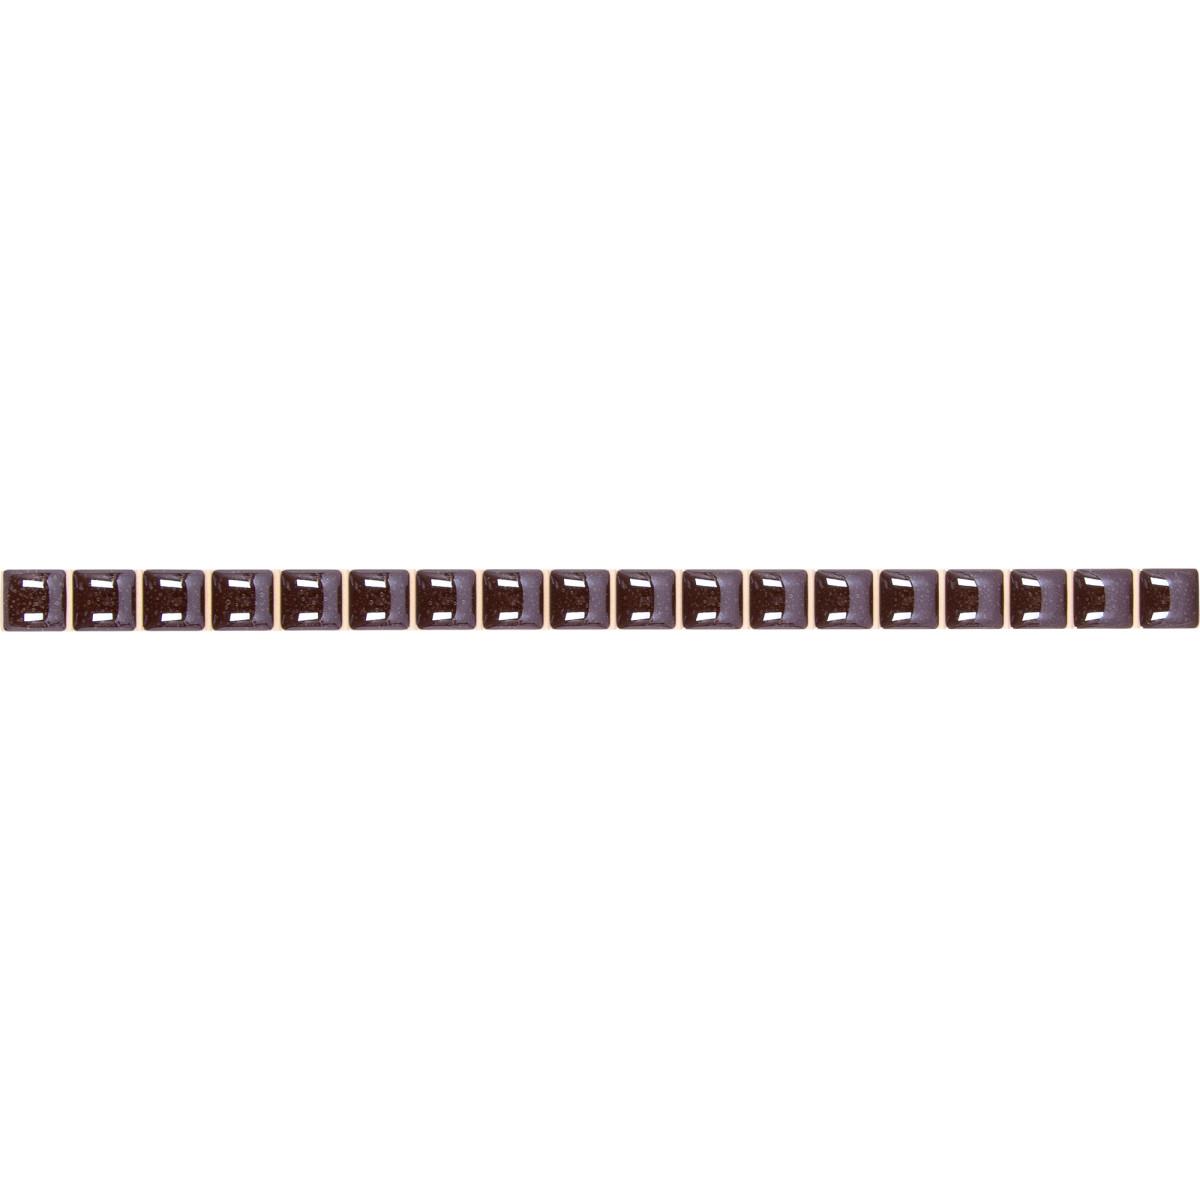 Бордюр разрезной люстрированный 13х250 мм цвет коричневый